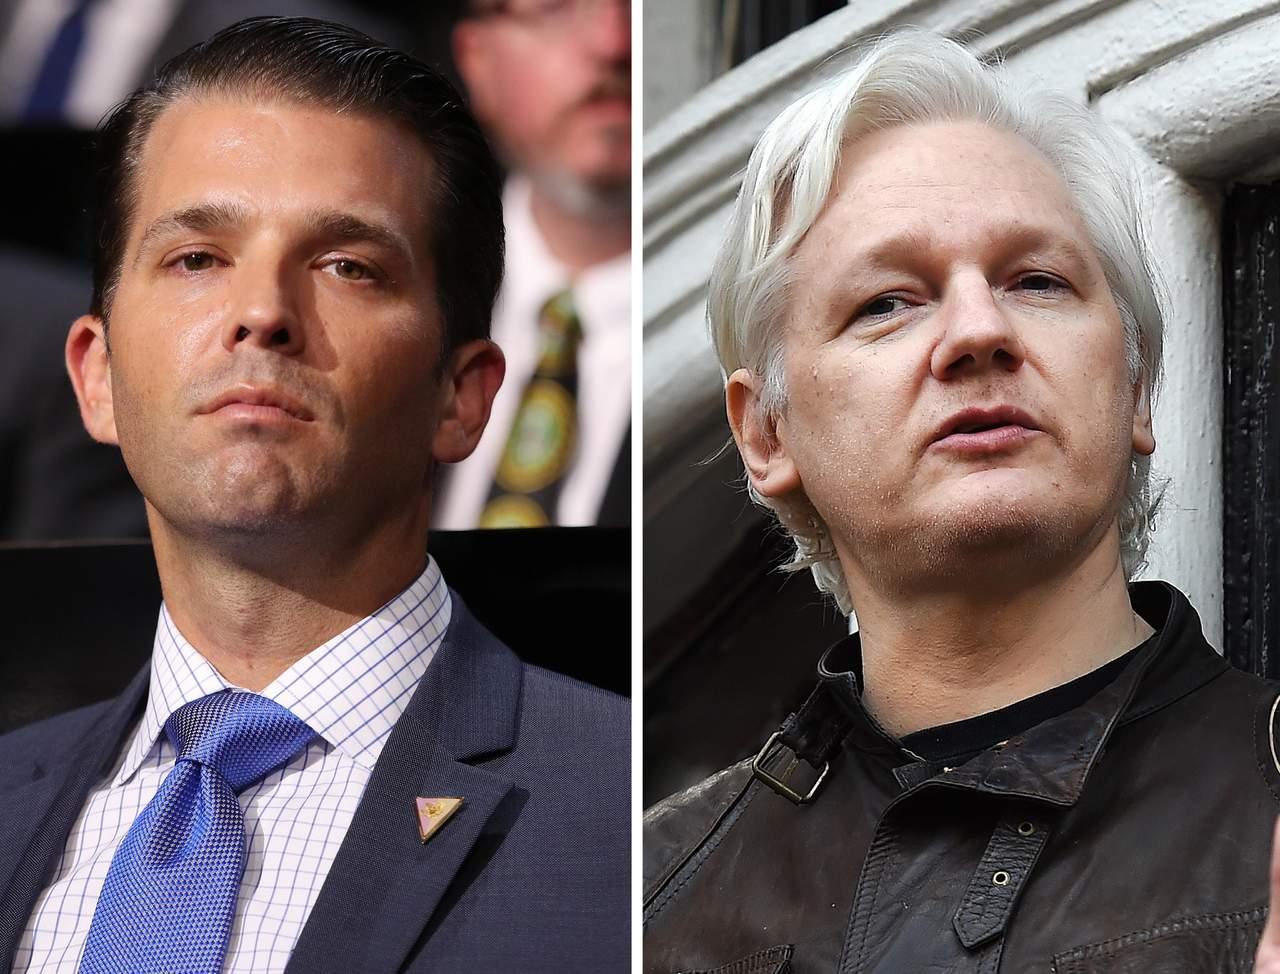 Hijo de Trump intercambió mensajes con WikiLeaks durante campaña